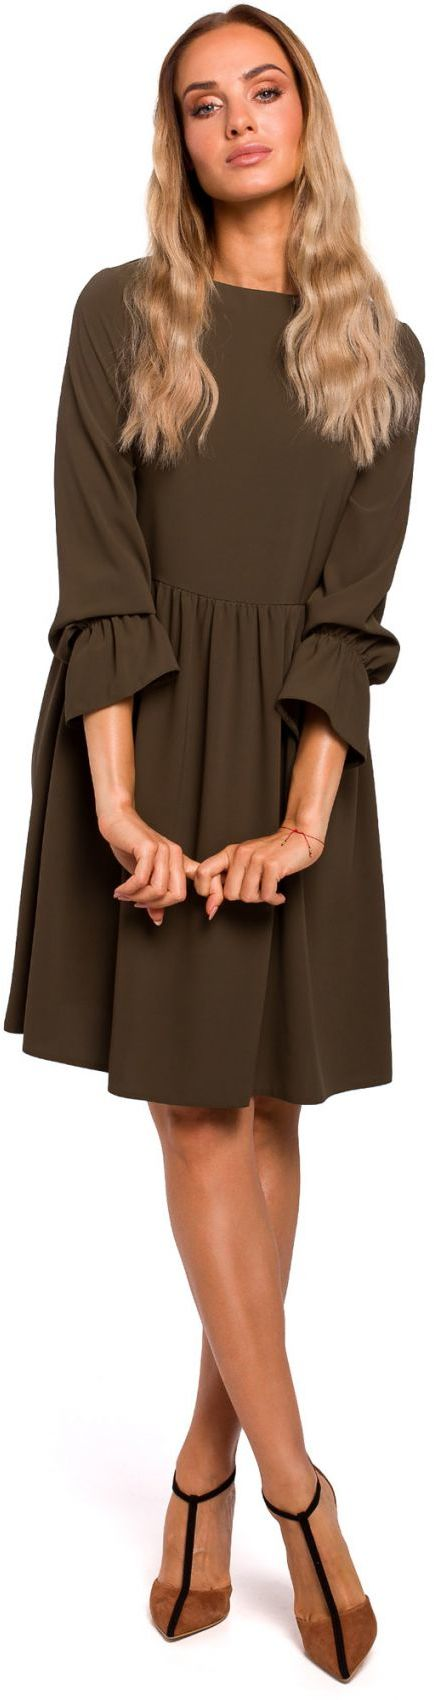 M465 Sukienka z rękawami z falbanką - khaki